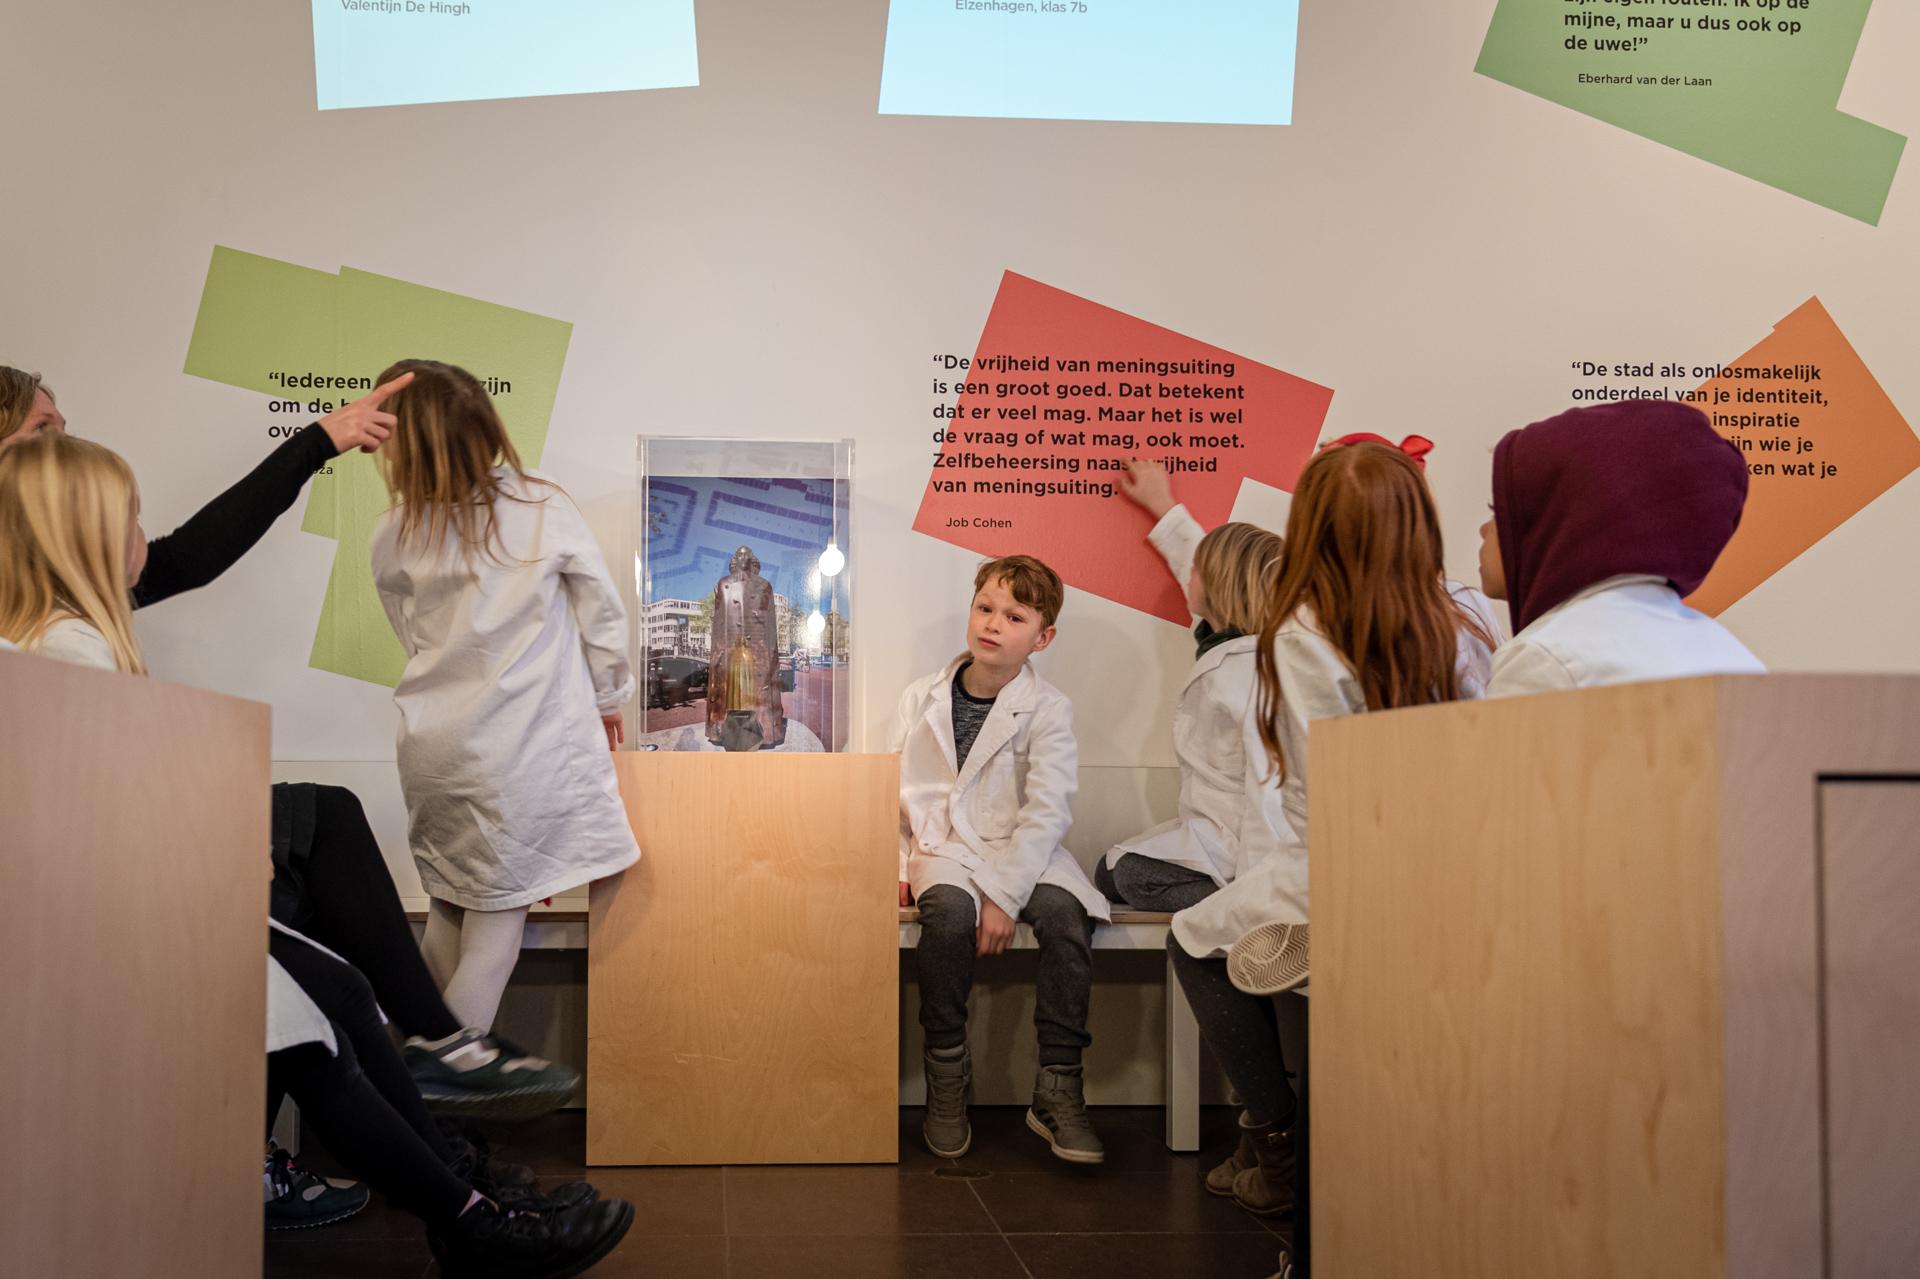 tentoonstellingsontwerp stadslab2 amsterdam museum 9 jpg